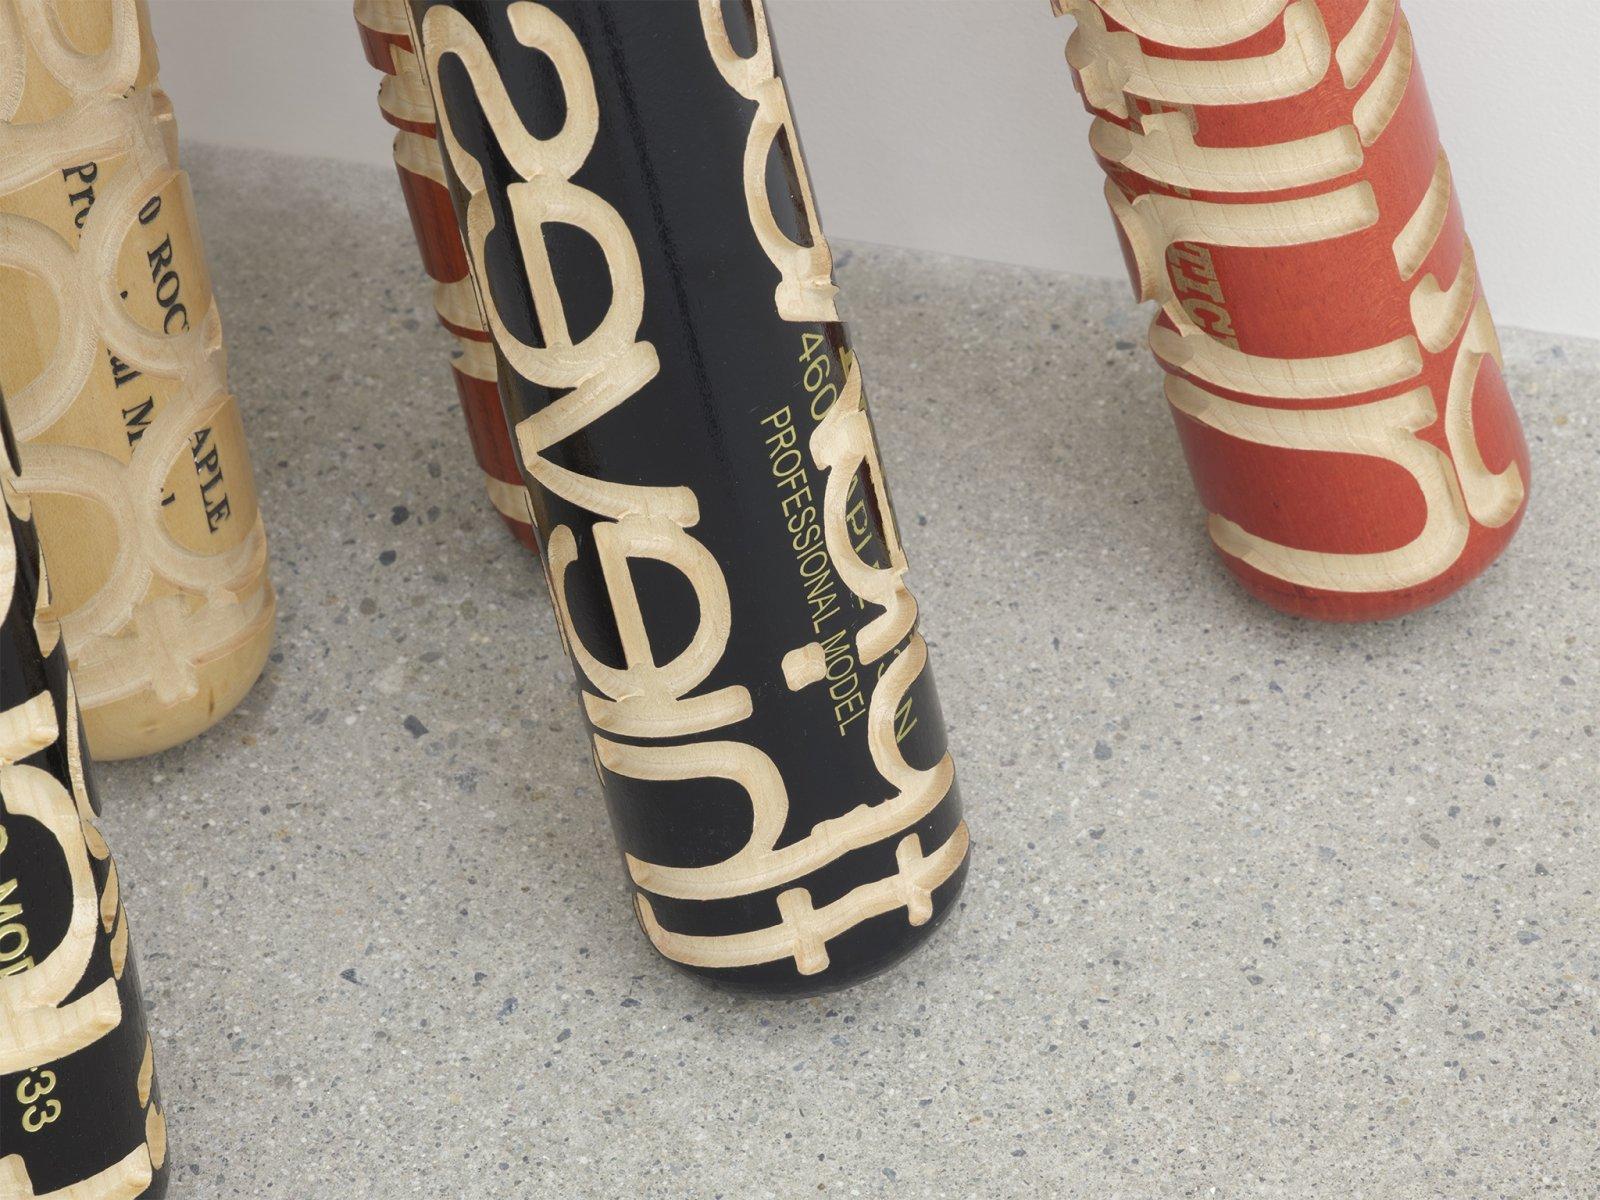 Brian Jungen, Talking Sticks (detail), 2005, carved baseball bats, each 33 x 3 x 3 in. (83 x 8 x 8 cm)